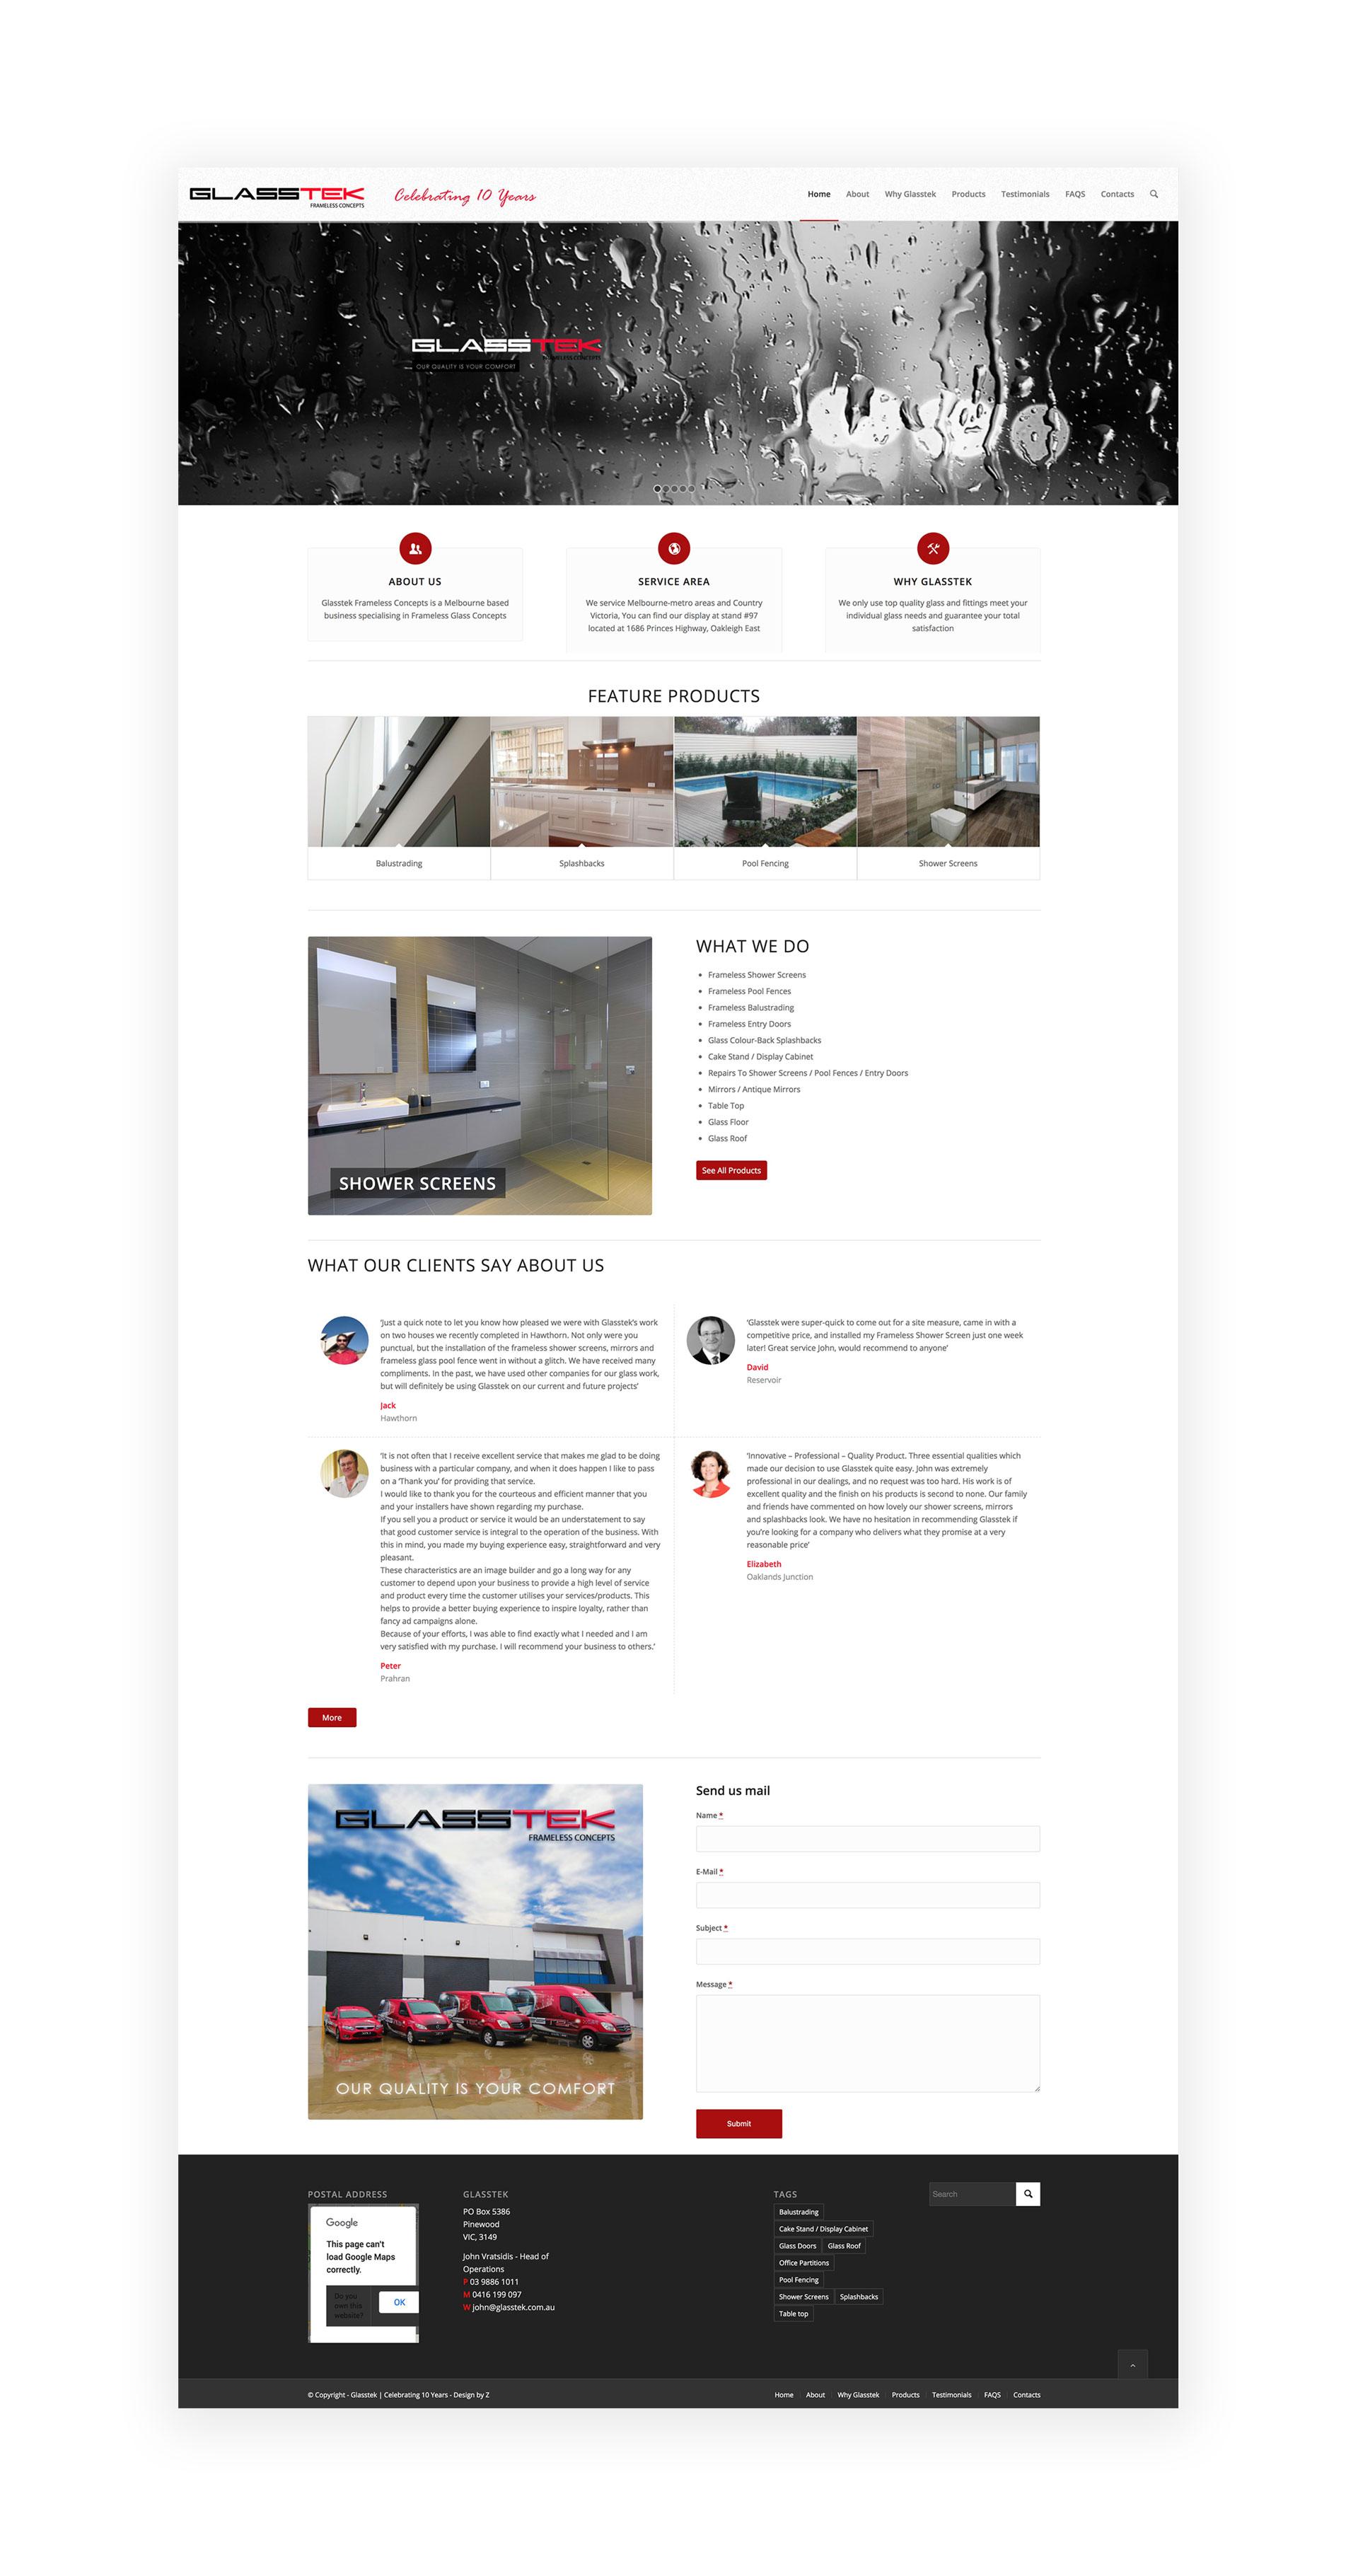 web design by Z Creative Studio Branding & Graphic Design Melbourne